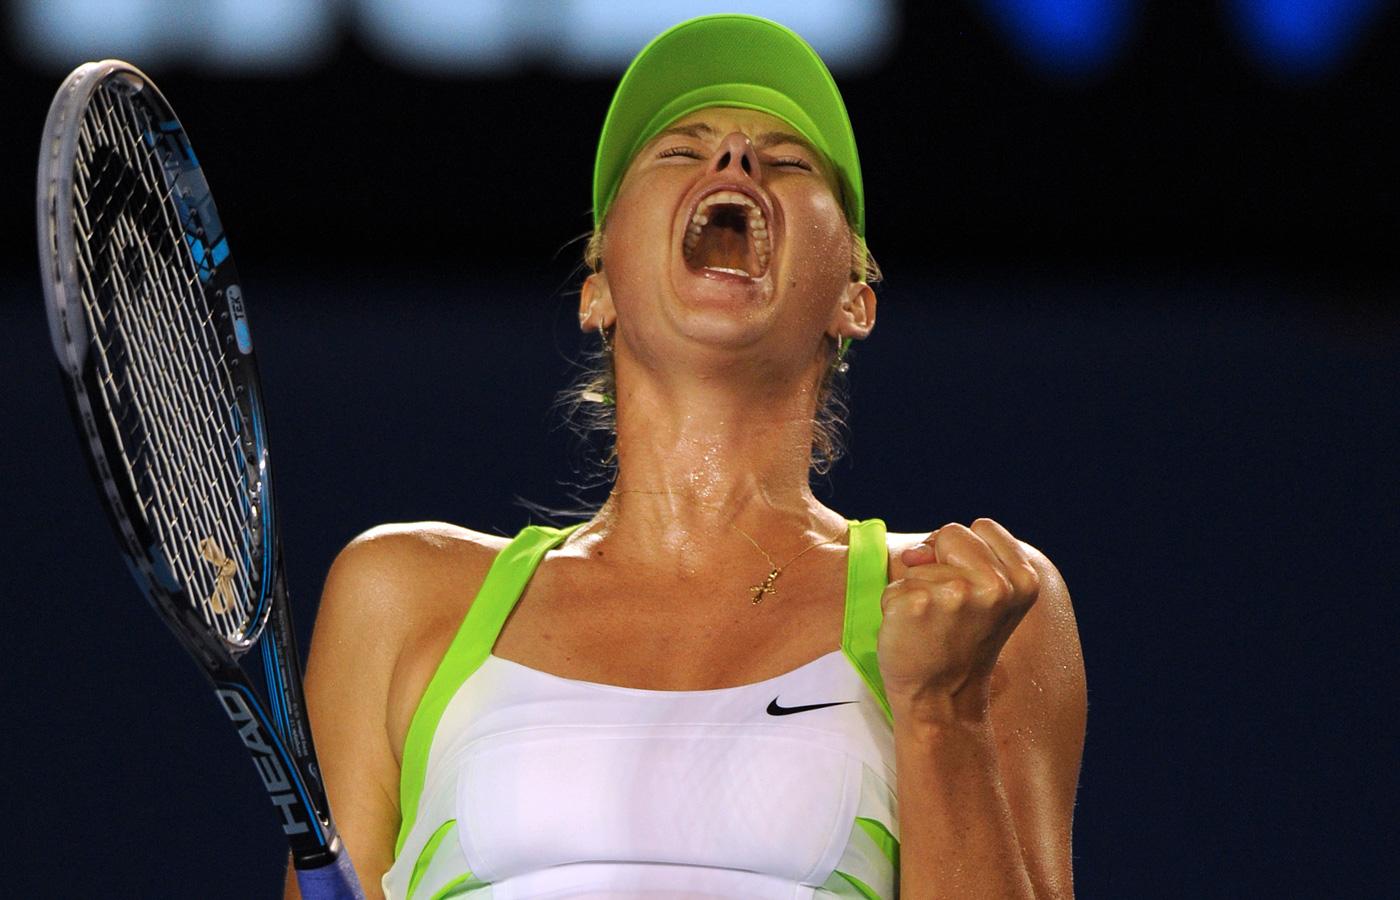 http://4.bp.blogspot.com/-Sm6edOIJep0/T7jQ0doJXtI/AAAAAAAAARM/r1v6I-wxmdM/s1600/23+Jan+-+Sharapova+v+Lisicki+-+Maria+Sharapova23.jpg